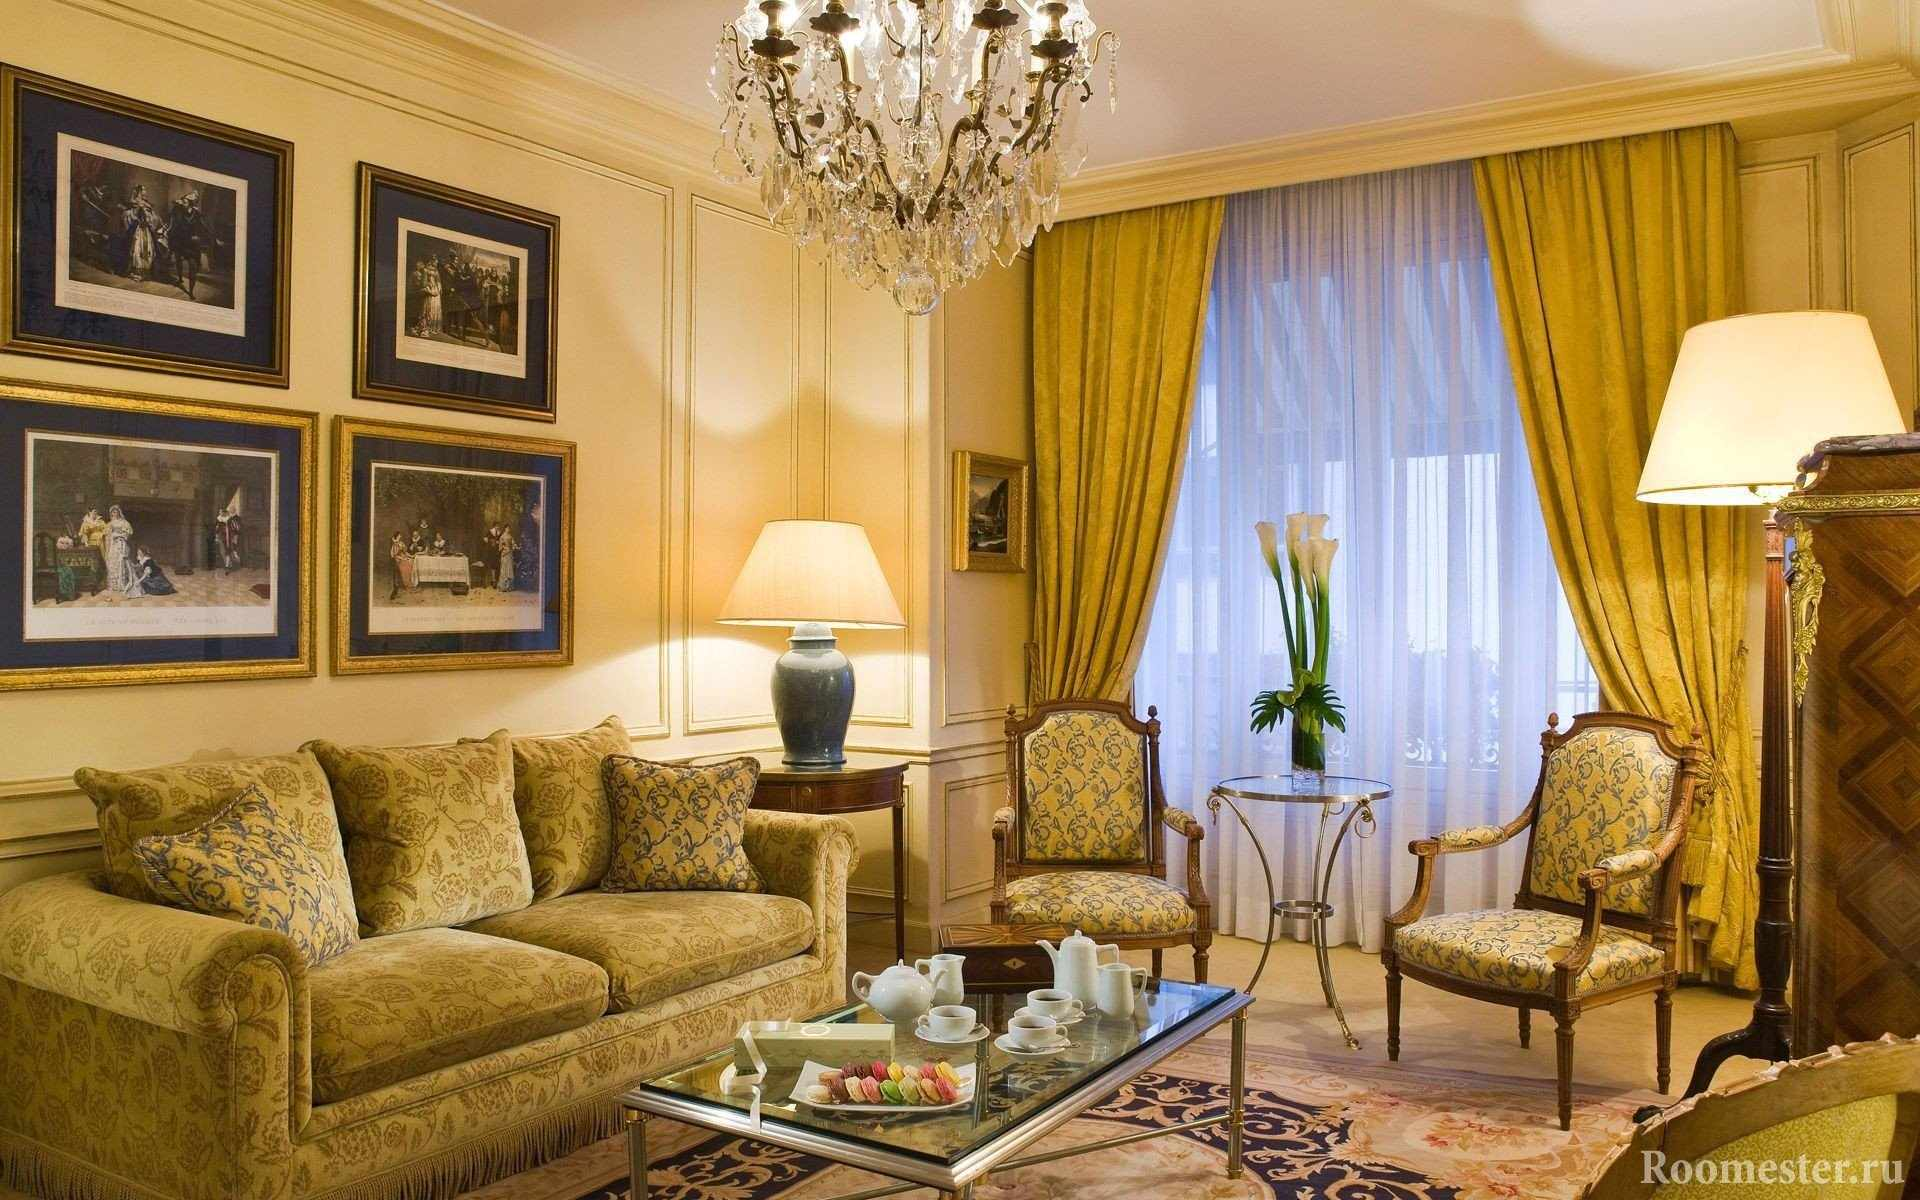 Шторы на окна в классической гостиной